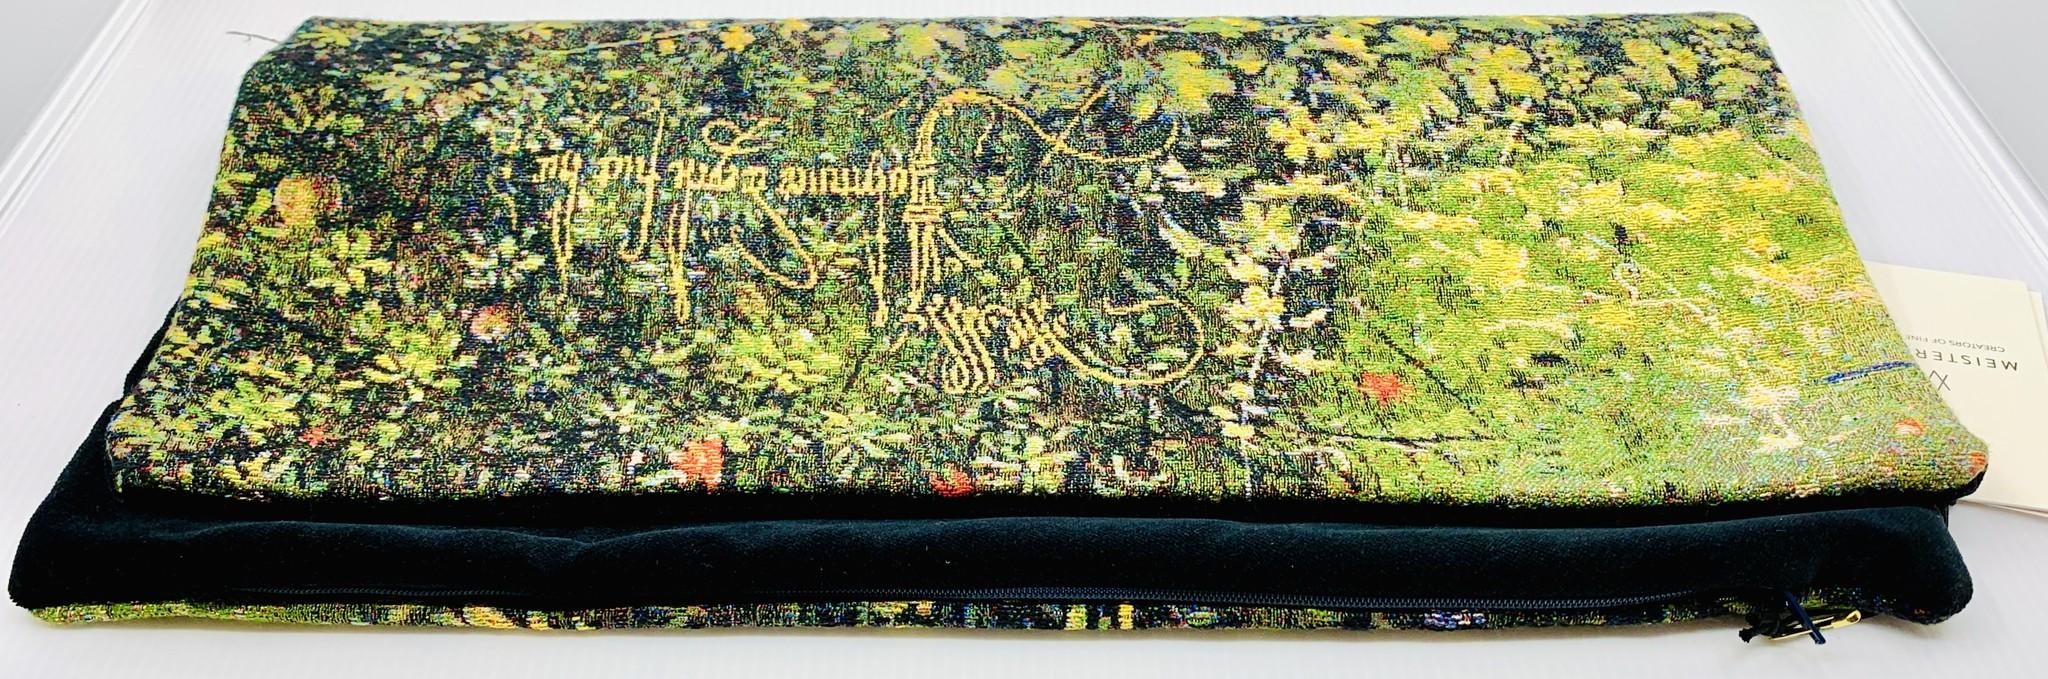 Meisterwerke Kussensloop Bloemen met handtekening van Jan Van Eyck - Meisterwerke